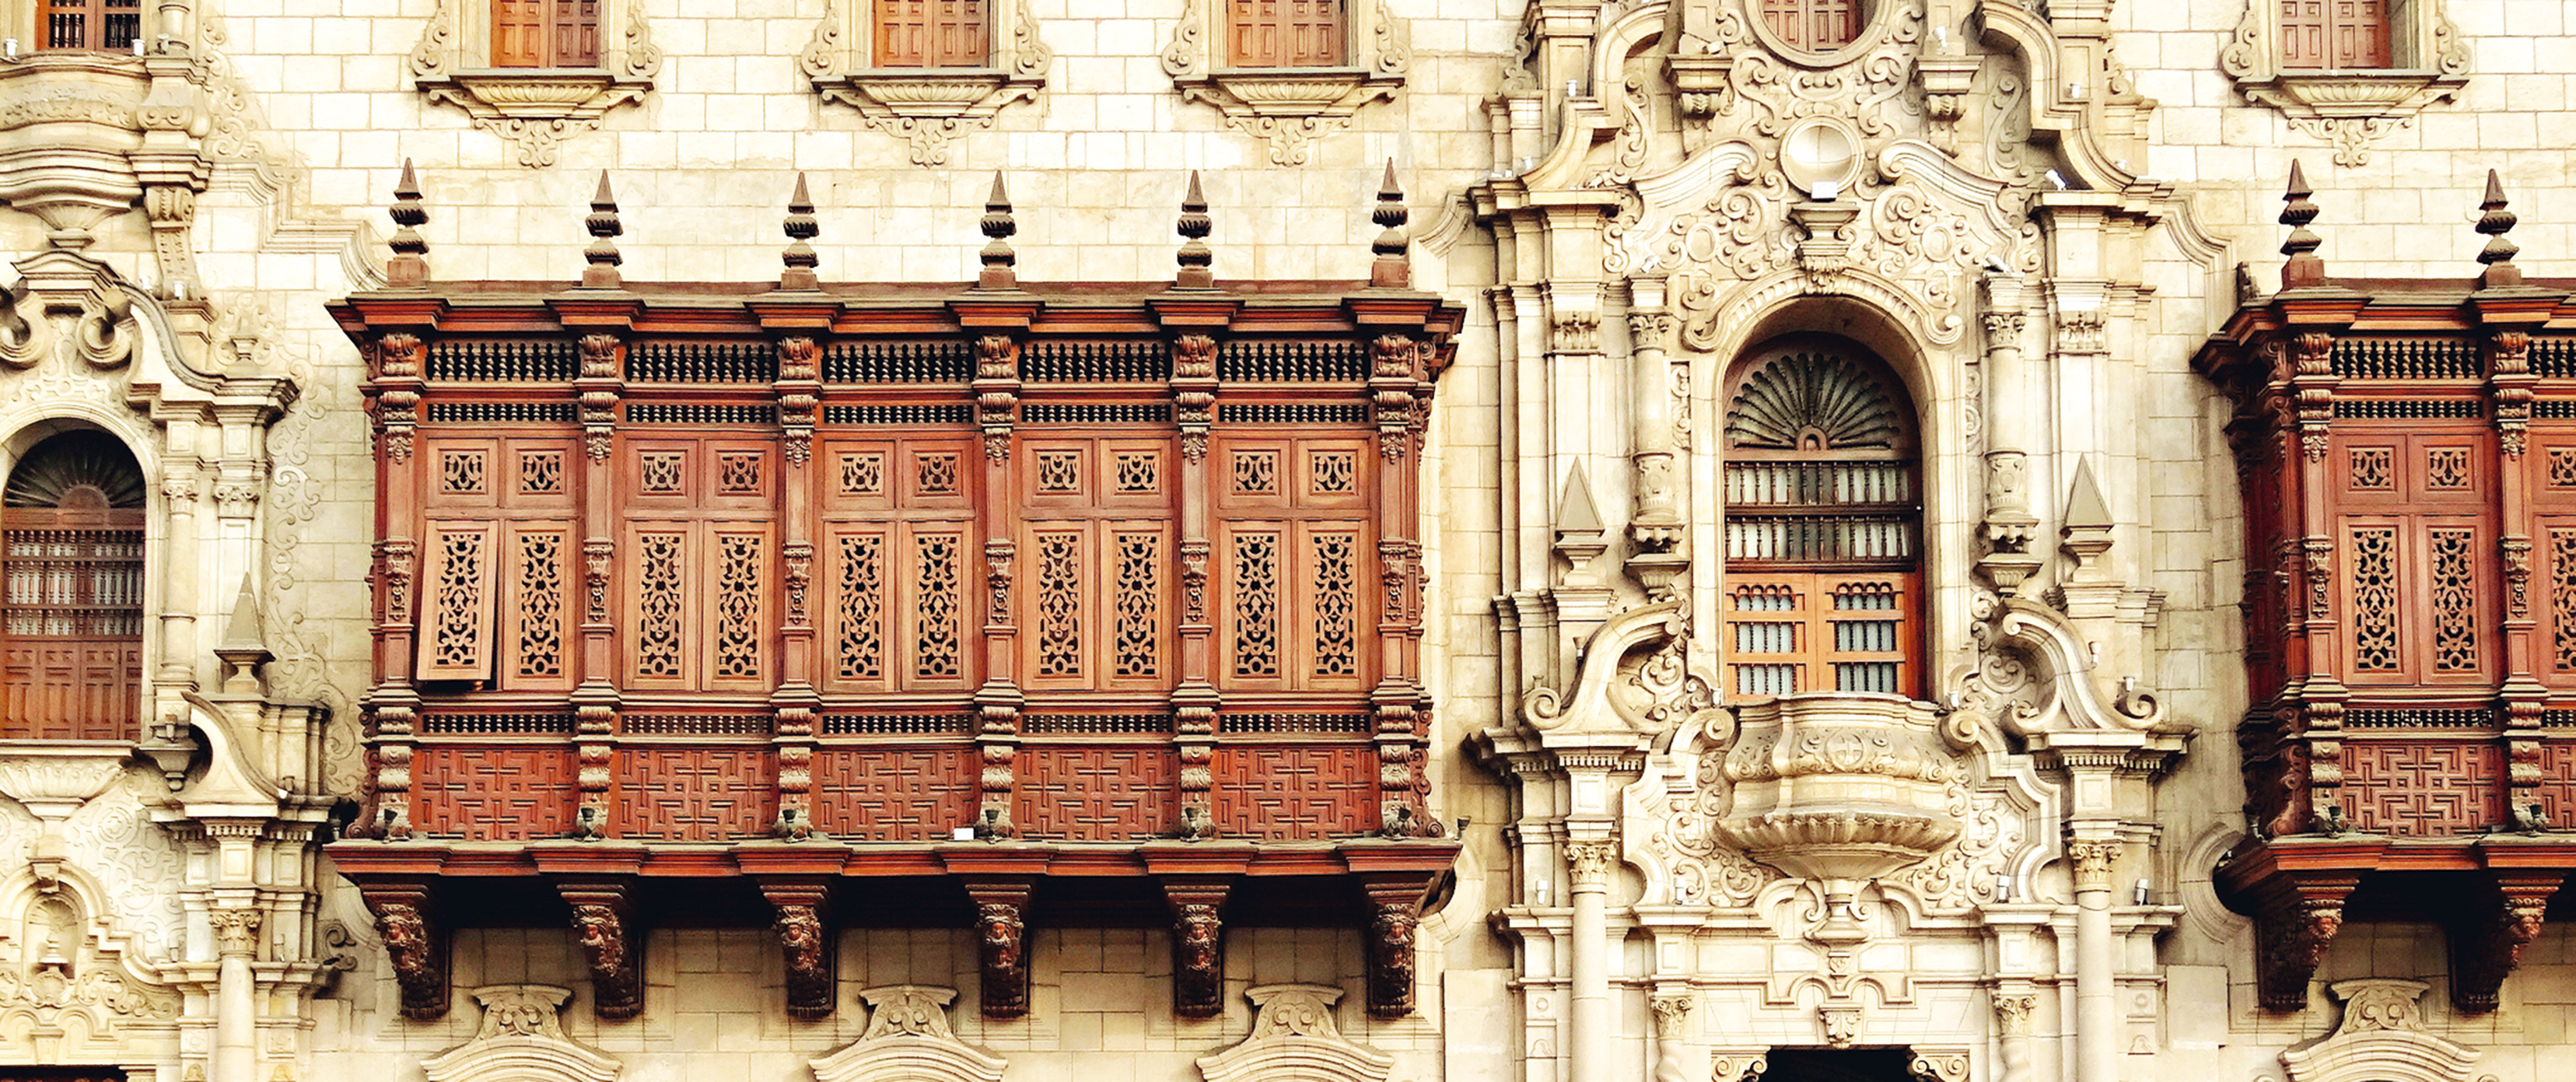 No Palácio Arquiepiscopal, um exemplar de balcone - varanda de madeira talhada